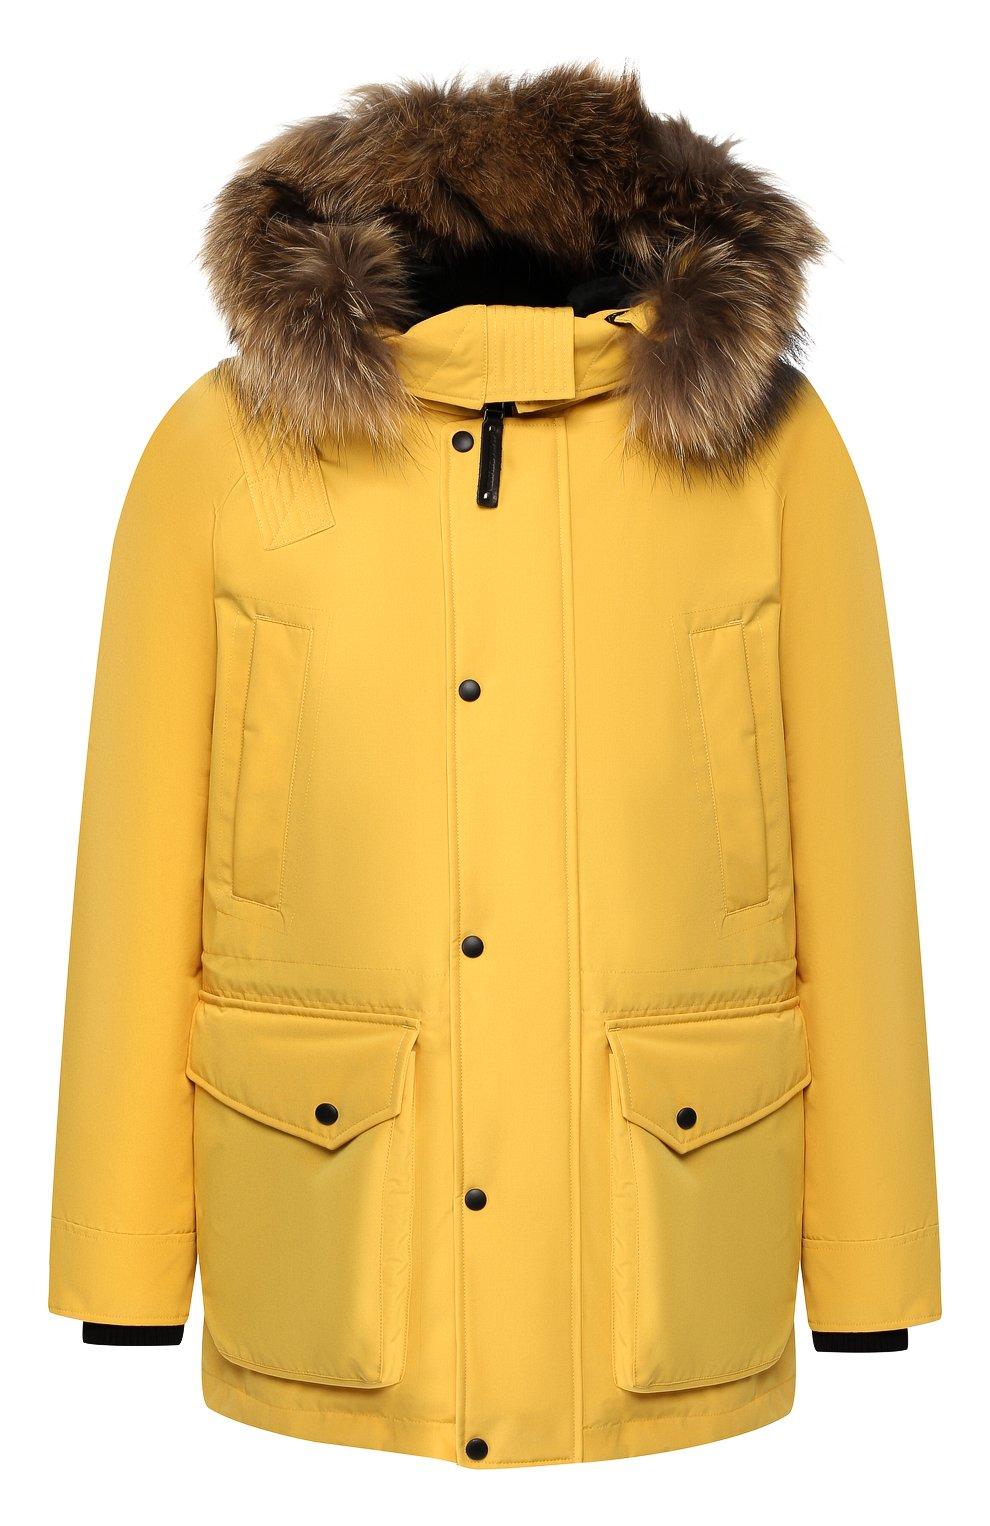 Мужская пуховая парка chill с меховой отделкой капюшона ARCTIC EXPLORER желтого цвета, арт. CHILL_YELLOW | Фото 1